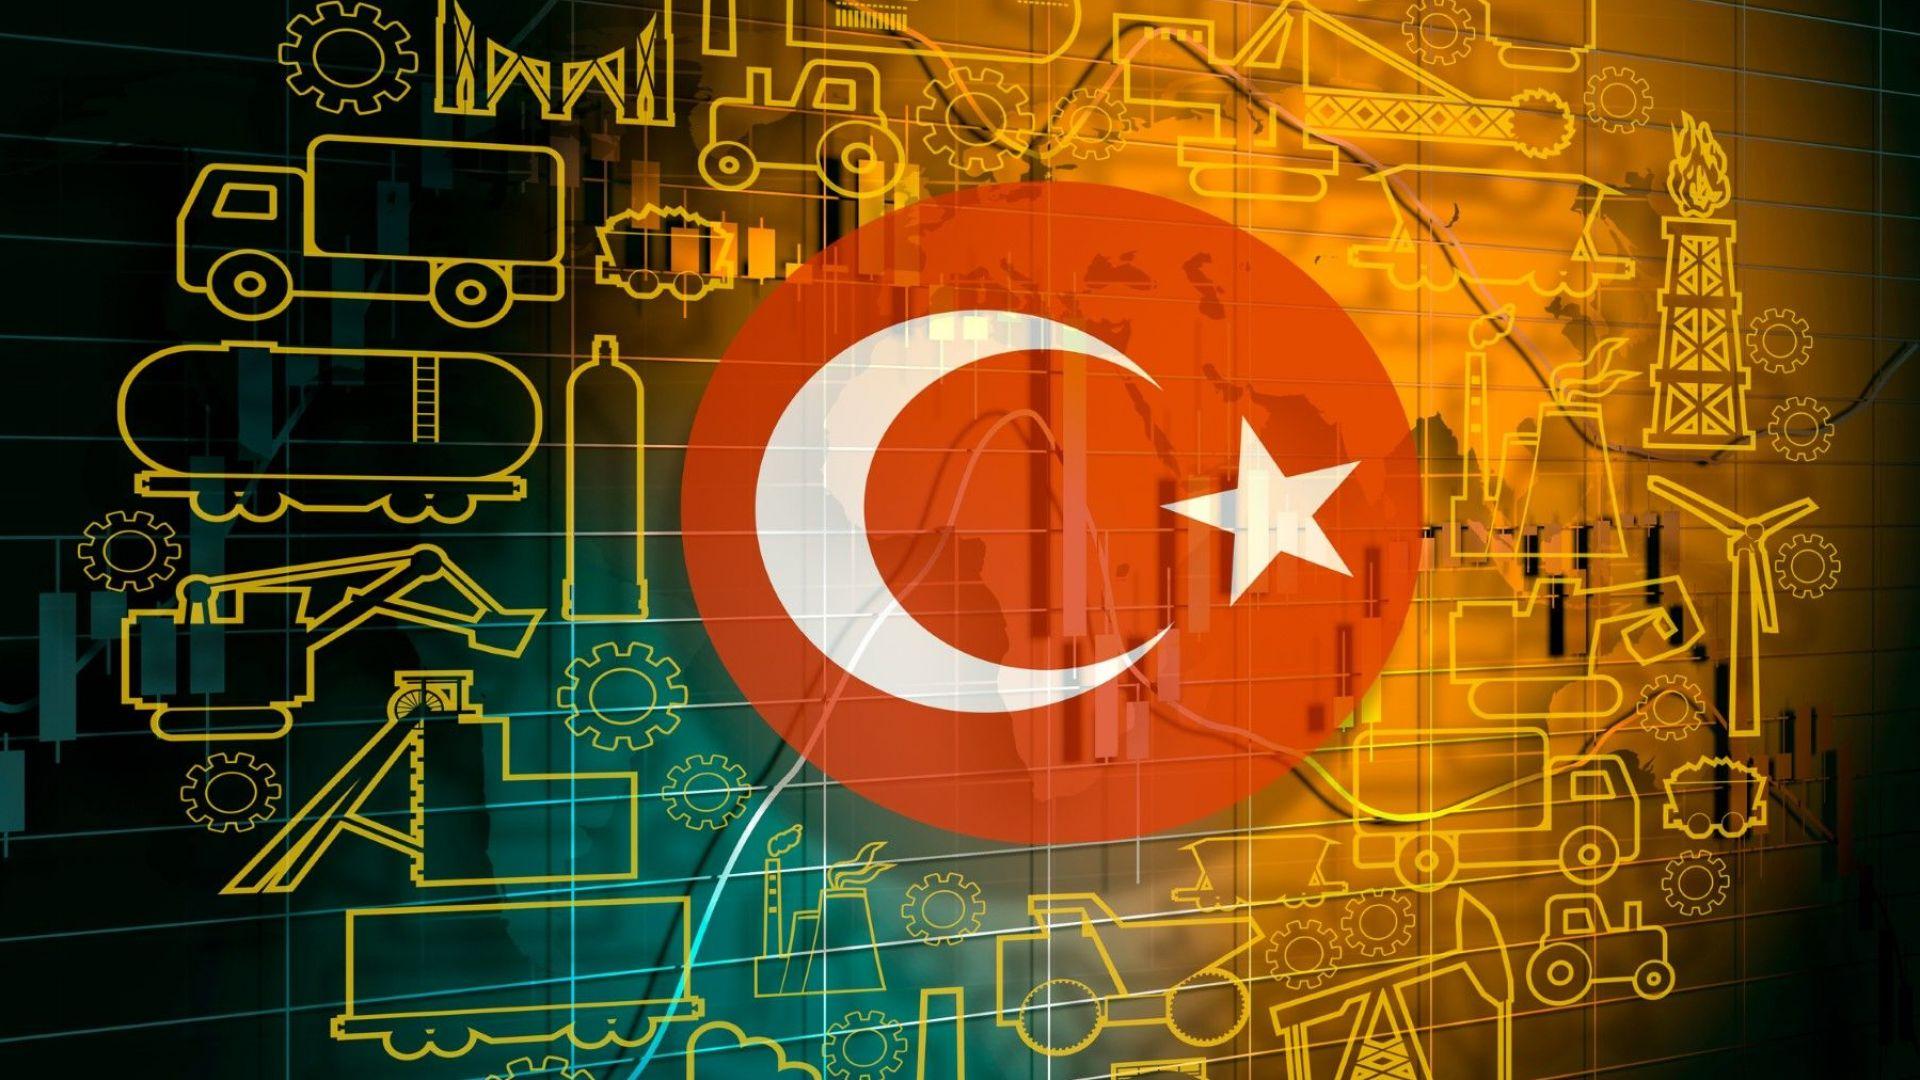 Турската икономика нарасна с 21,7% през второто тримесечие на 2021 г.